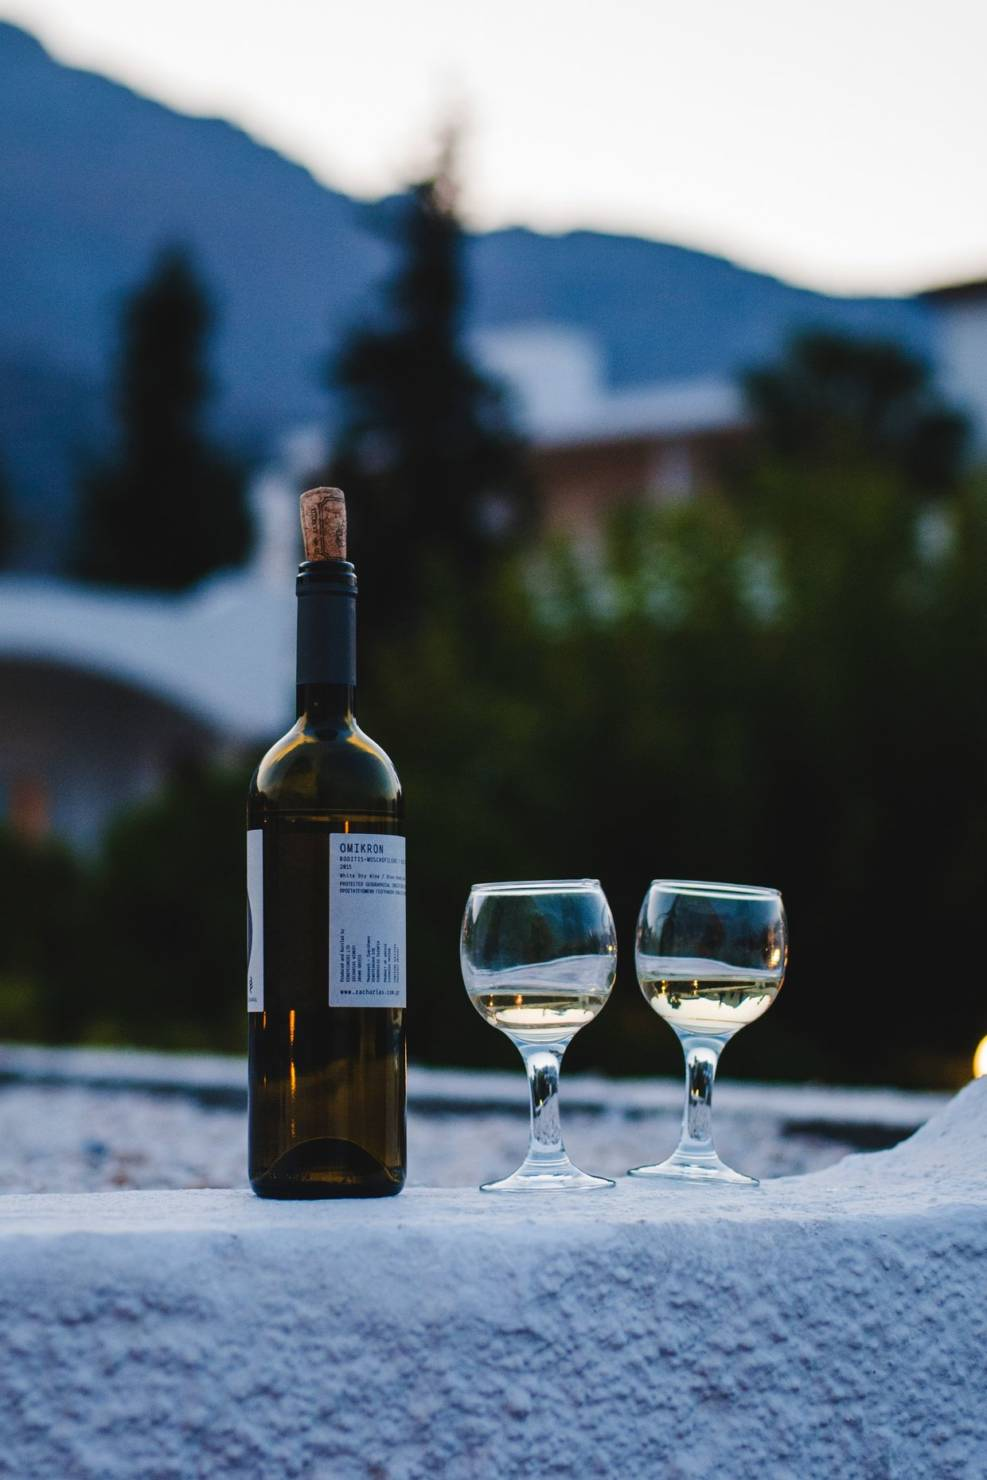 simplewine, винотека, открытие, винная этикетка, искусство и этикетка, виктория мустяца, винный эксперт, греческое вино, вино греции